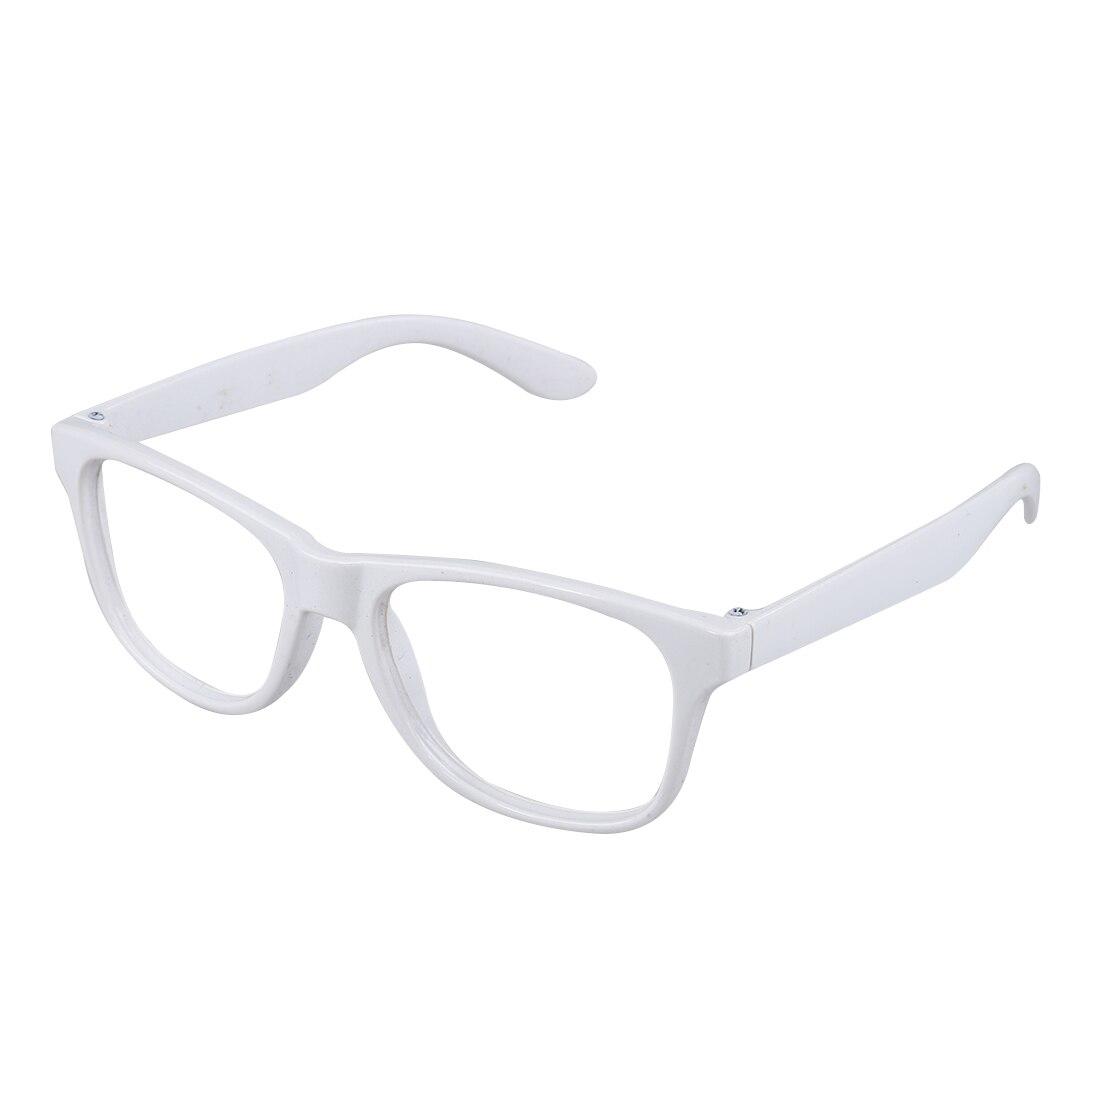 Stylish Boys Girls Children Kids Party Accessories Glasses Frame No Lenses New -white